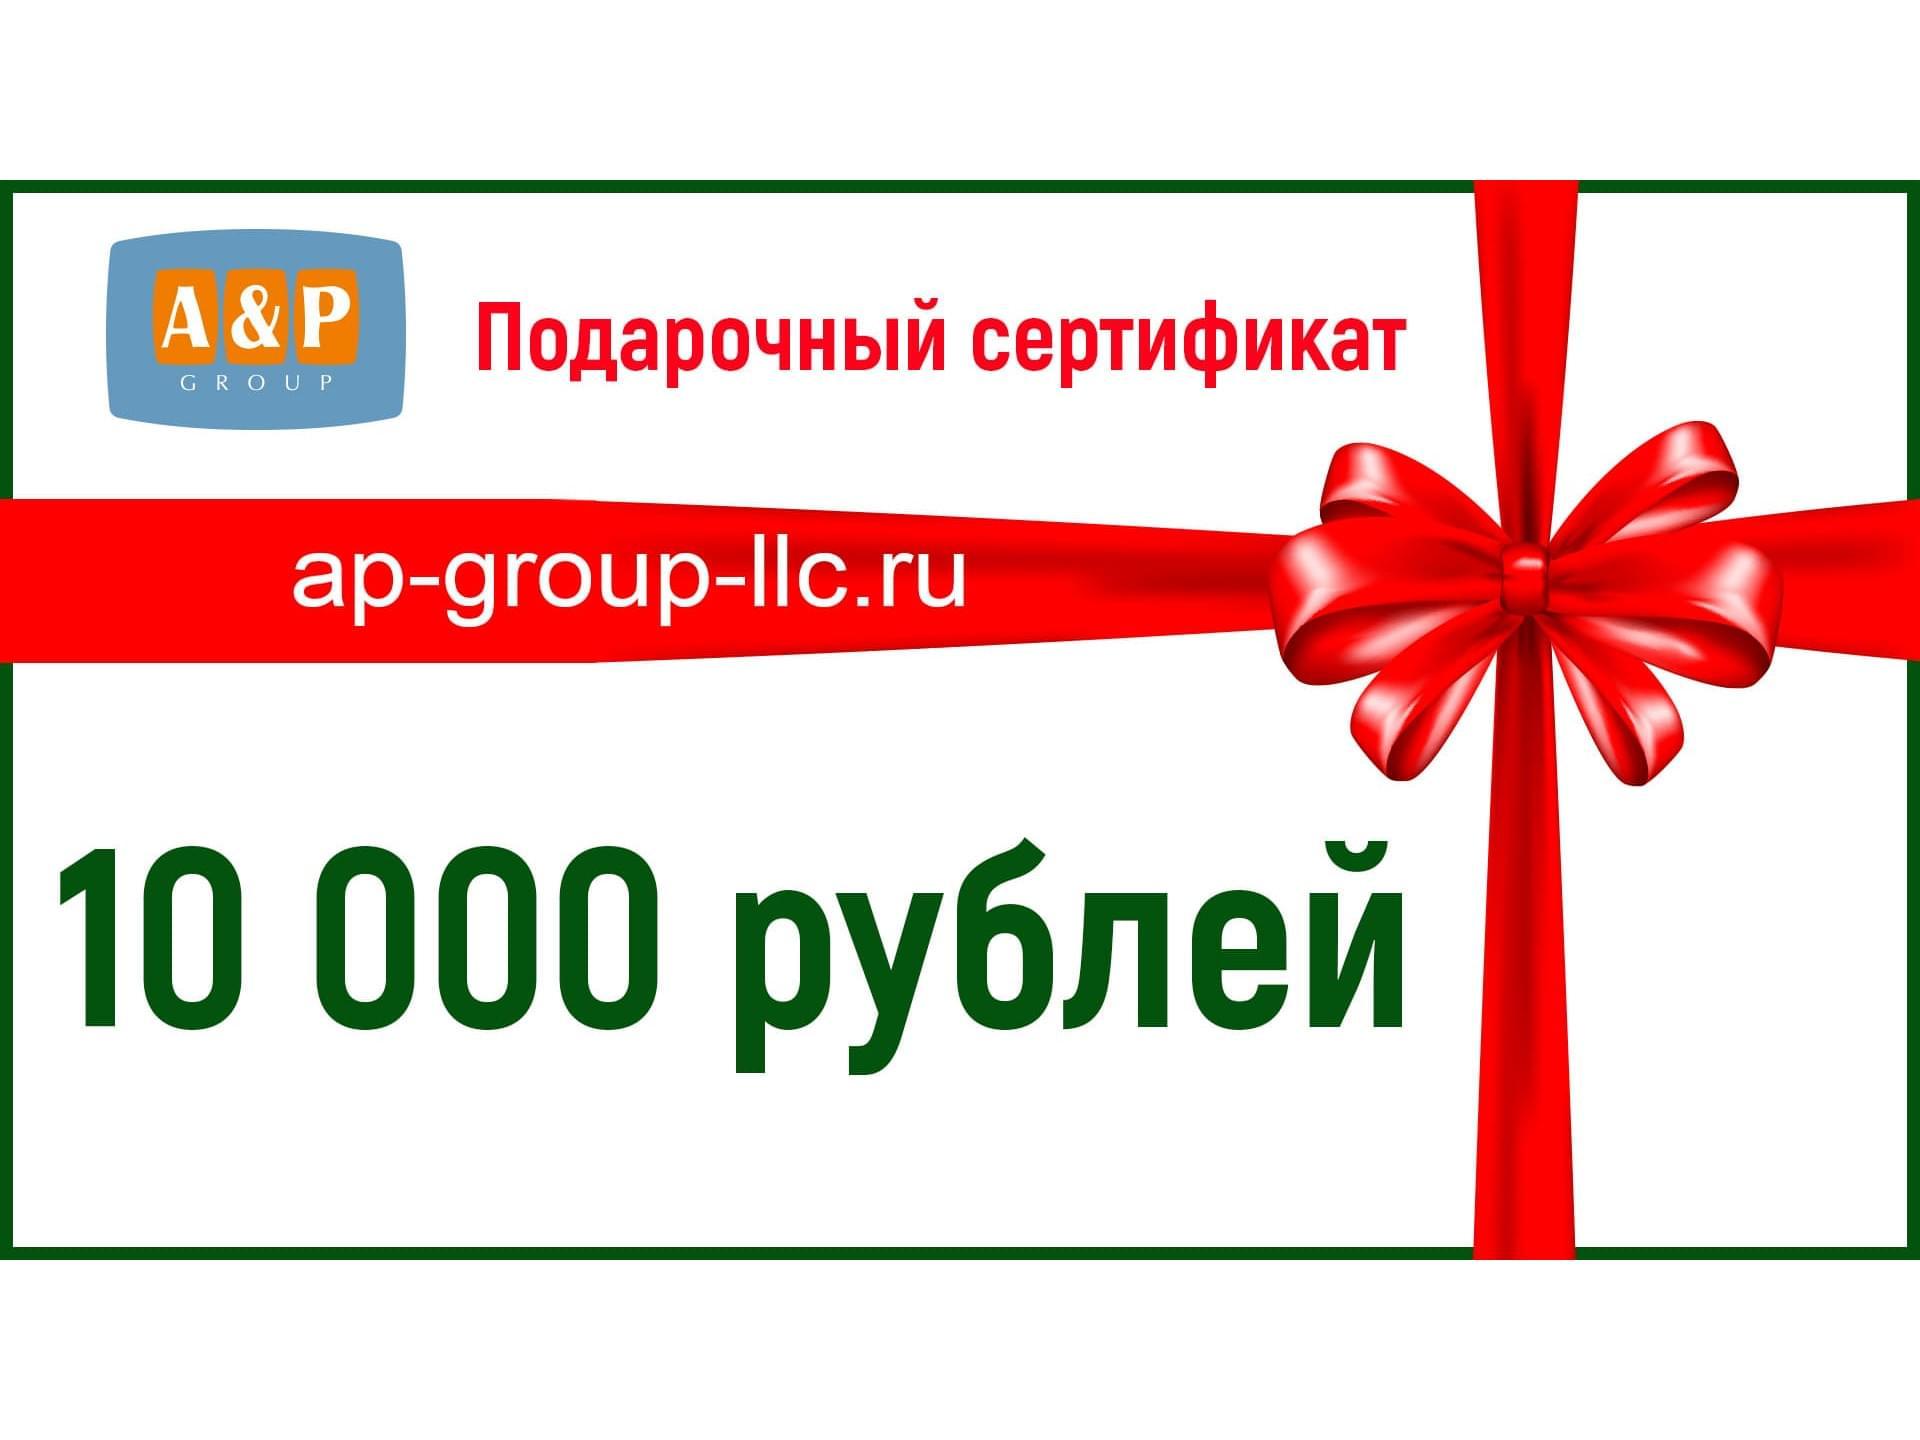 Подарочный сертификат на 10 000 (Десять тысяч) рублей